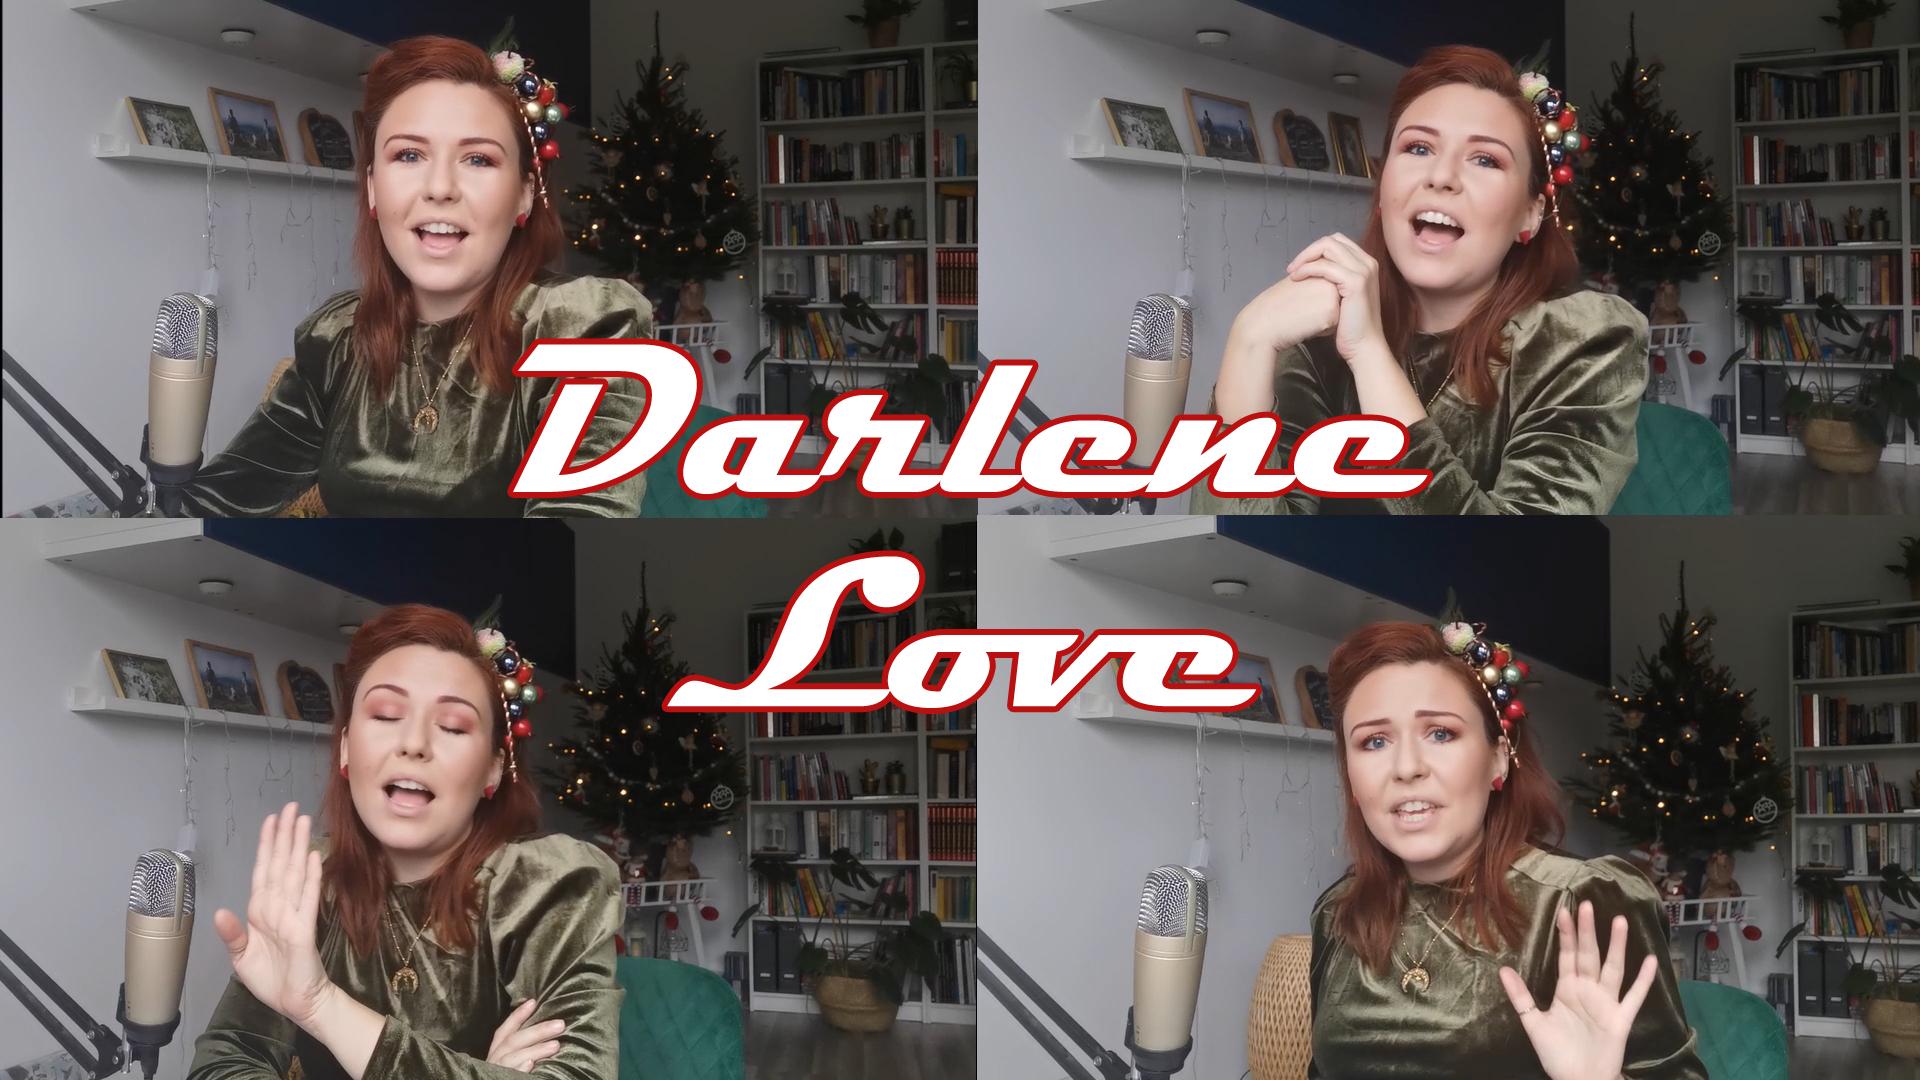 Wielcy niepamiętani: Darlene Love